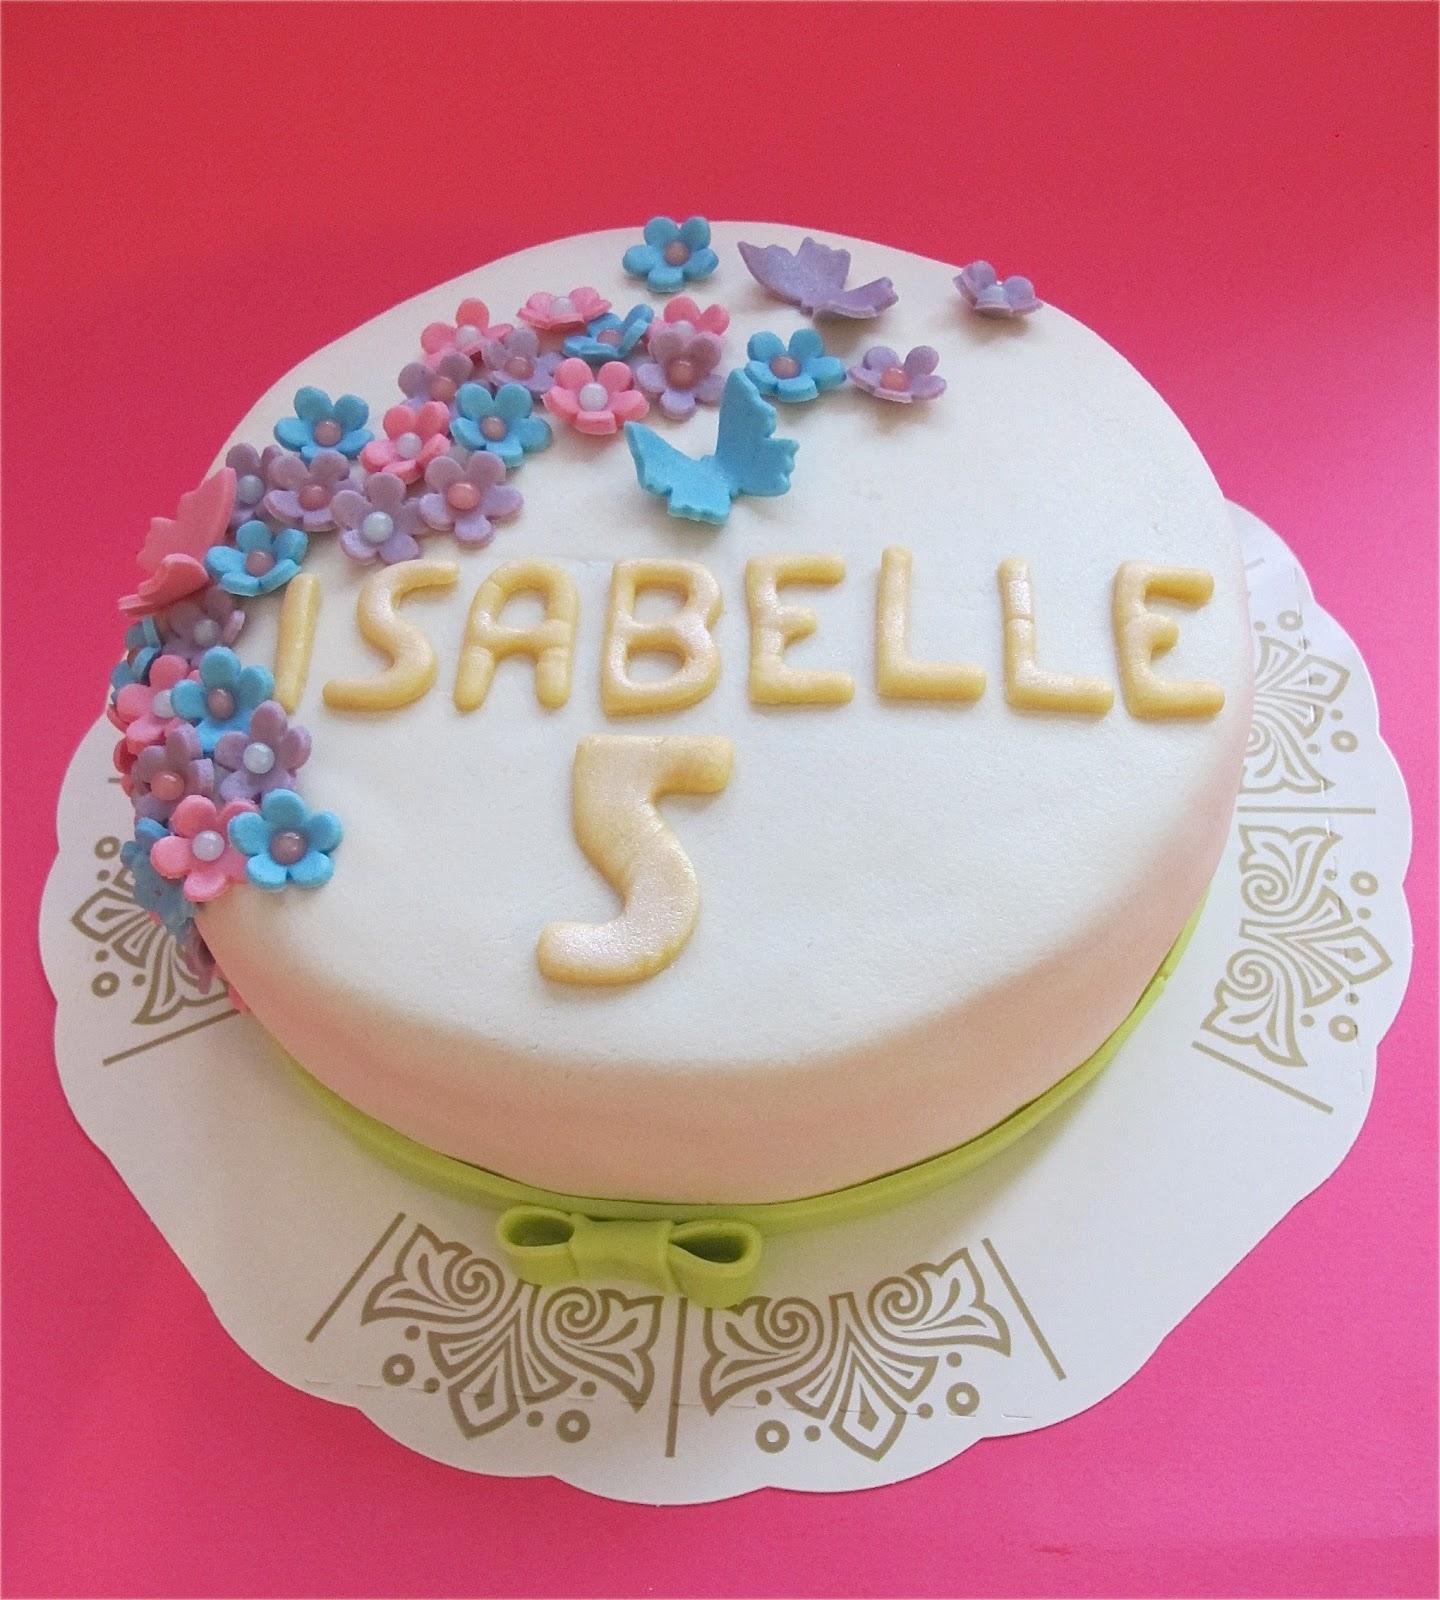 ce57a1bd2929 Isabelles riktiga födelsedag var några dagar efter stora kalaset och till  den dagen gjorde jag en riktigt liten tårta, enkelt dekorerad med små  blommor och ...